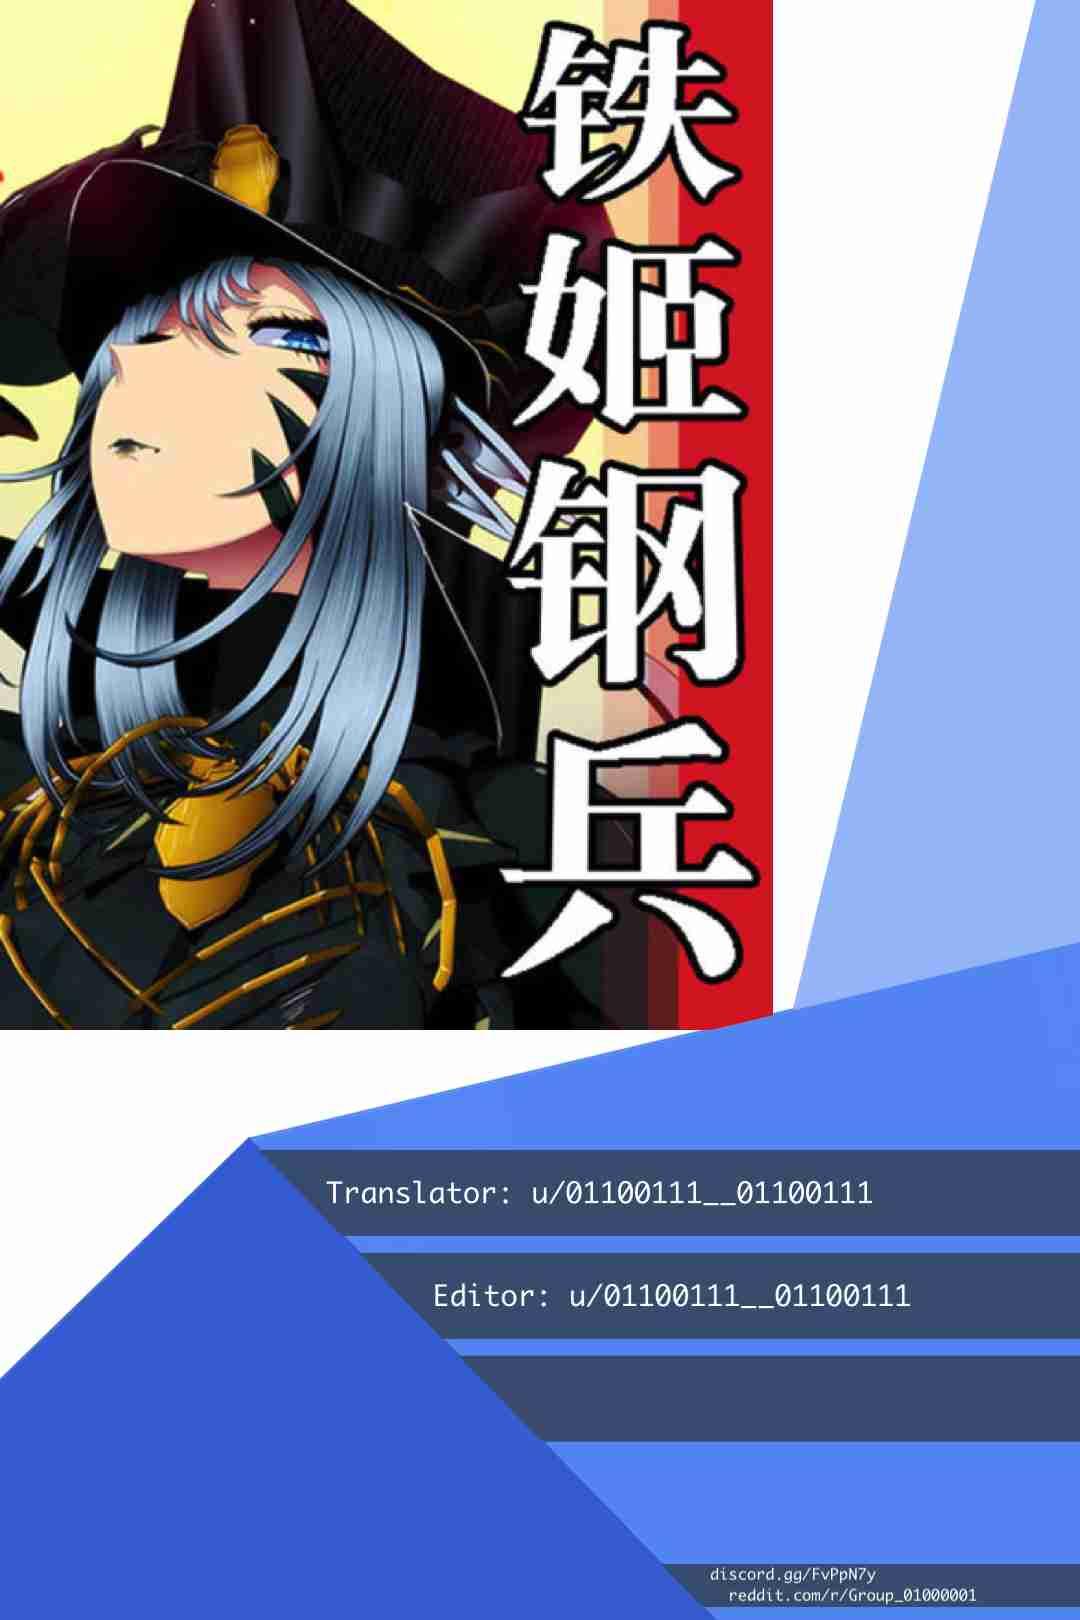 https://manga.mangadogs.com/comics/pic2/59/24443/744276/a7cde78dc3c25e85fa5cba29a6704fbf.jpg Page 1